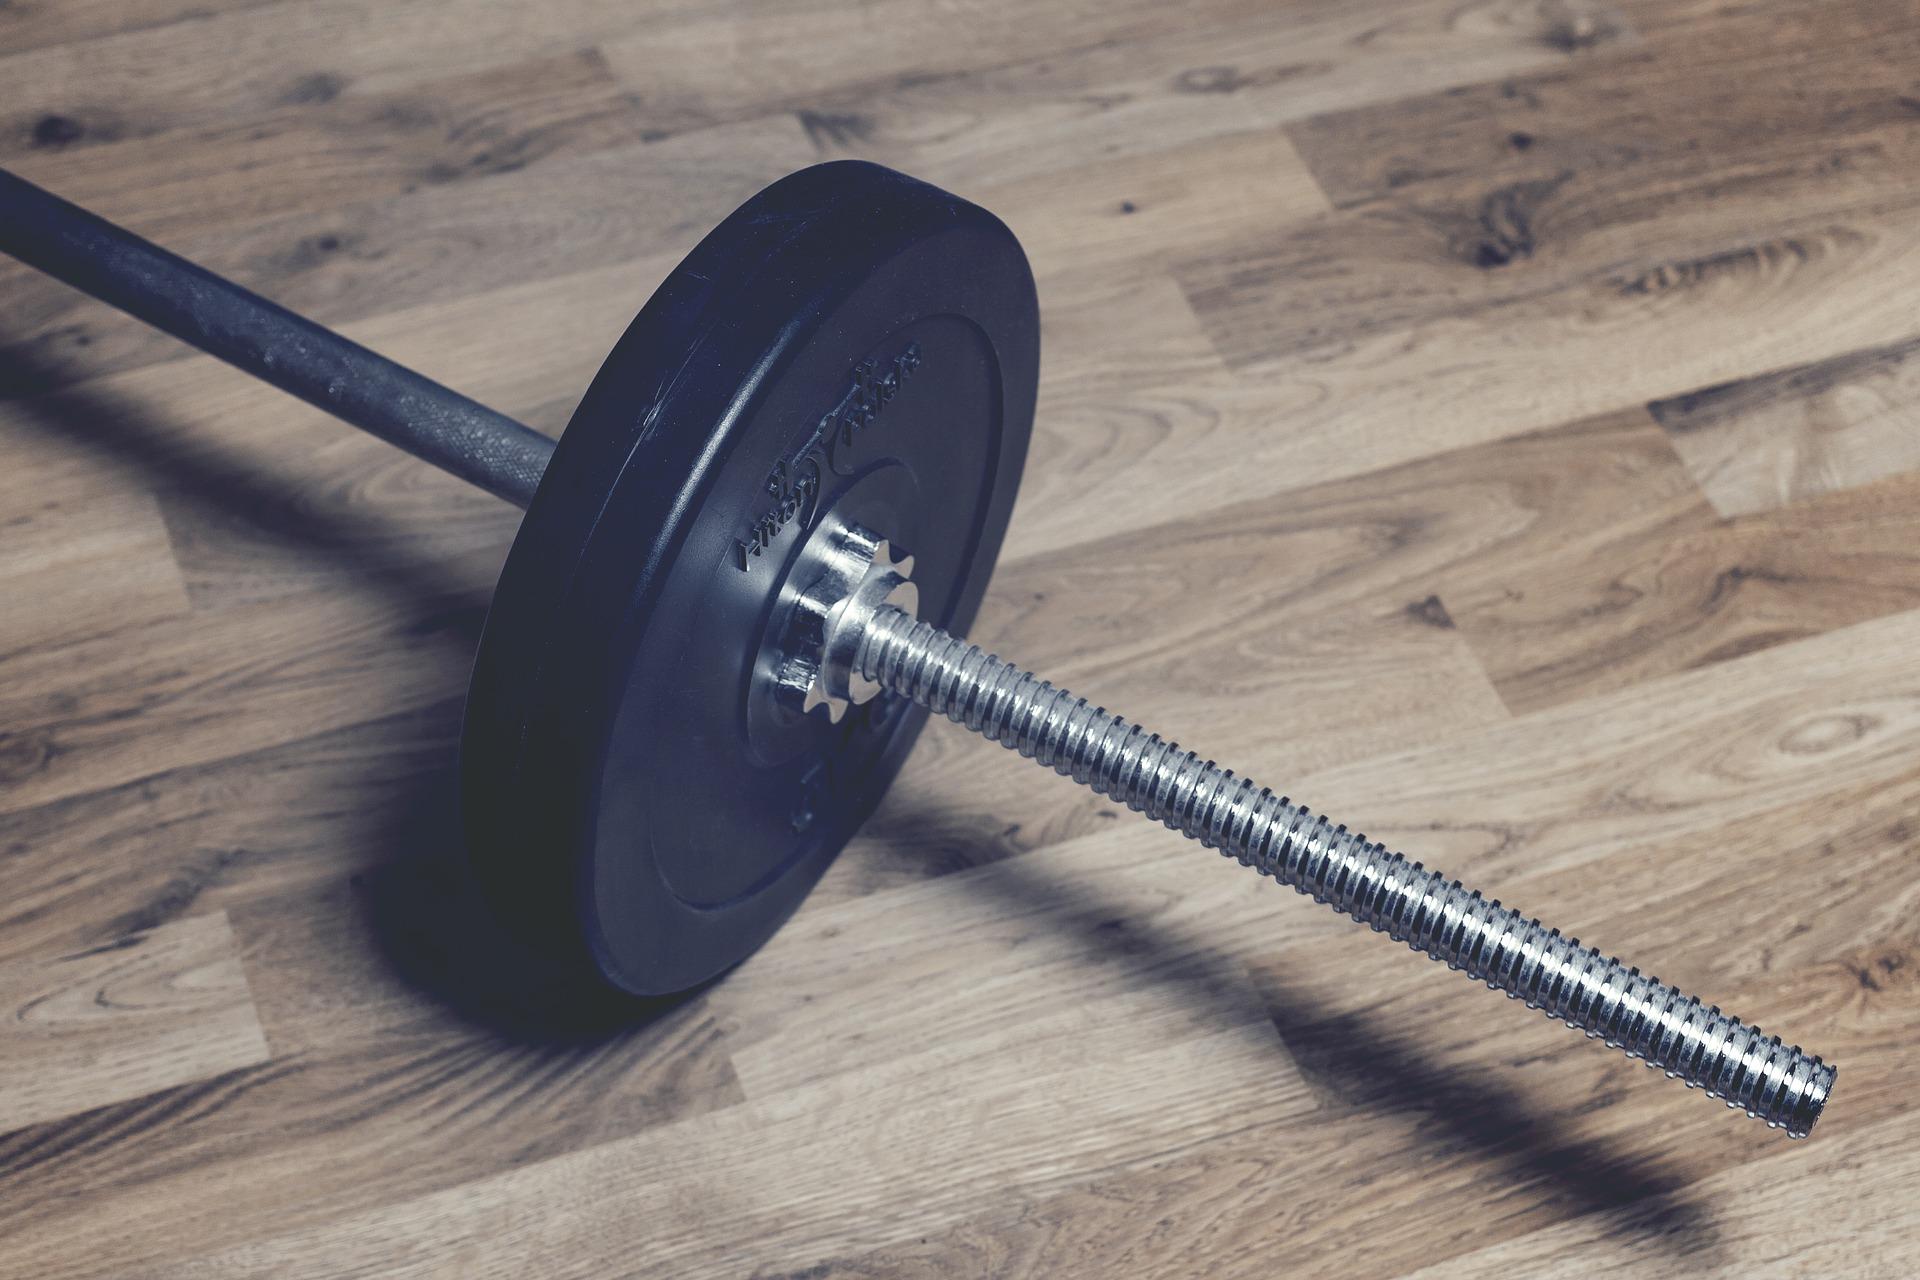 Forderungseinzüge – Zulässigkeit nach Erstellung des Gutscheins von Fitnessstudiobetreibern